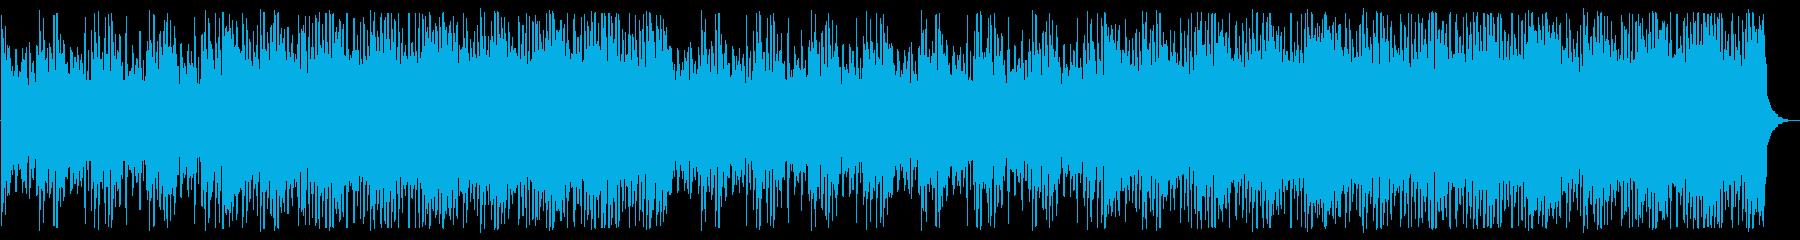 緊迫/壮大/オーケストラ_No511の再生済みの波形